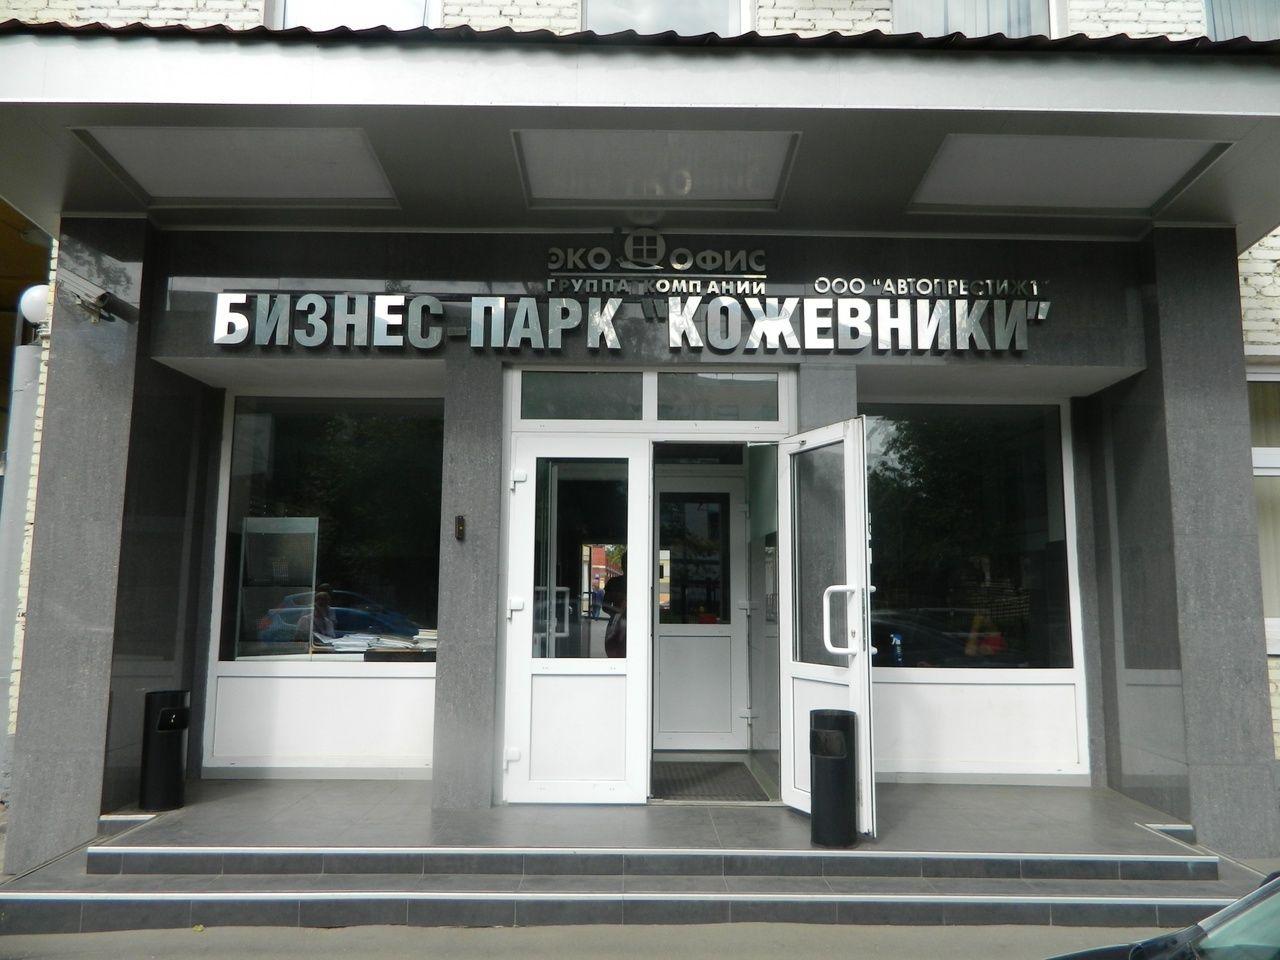 Офисные помещения под ключ Дербеневская набережная продаж коммерческой недвижимости ярославль